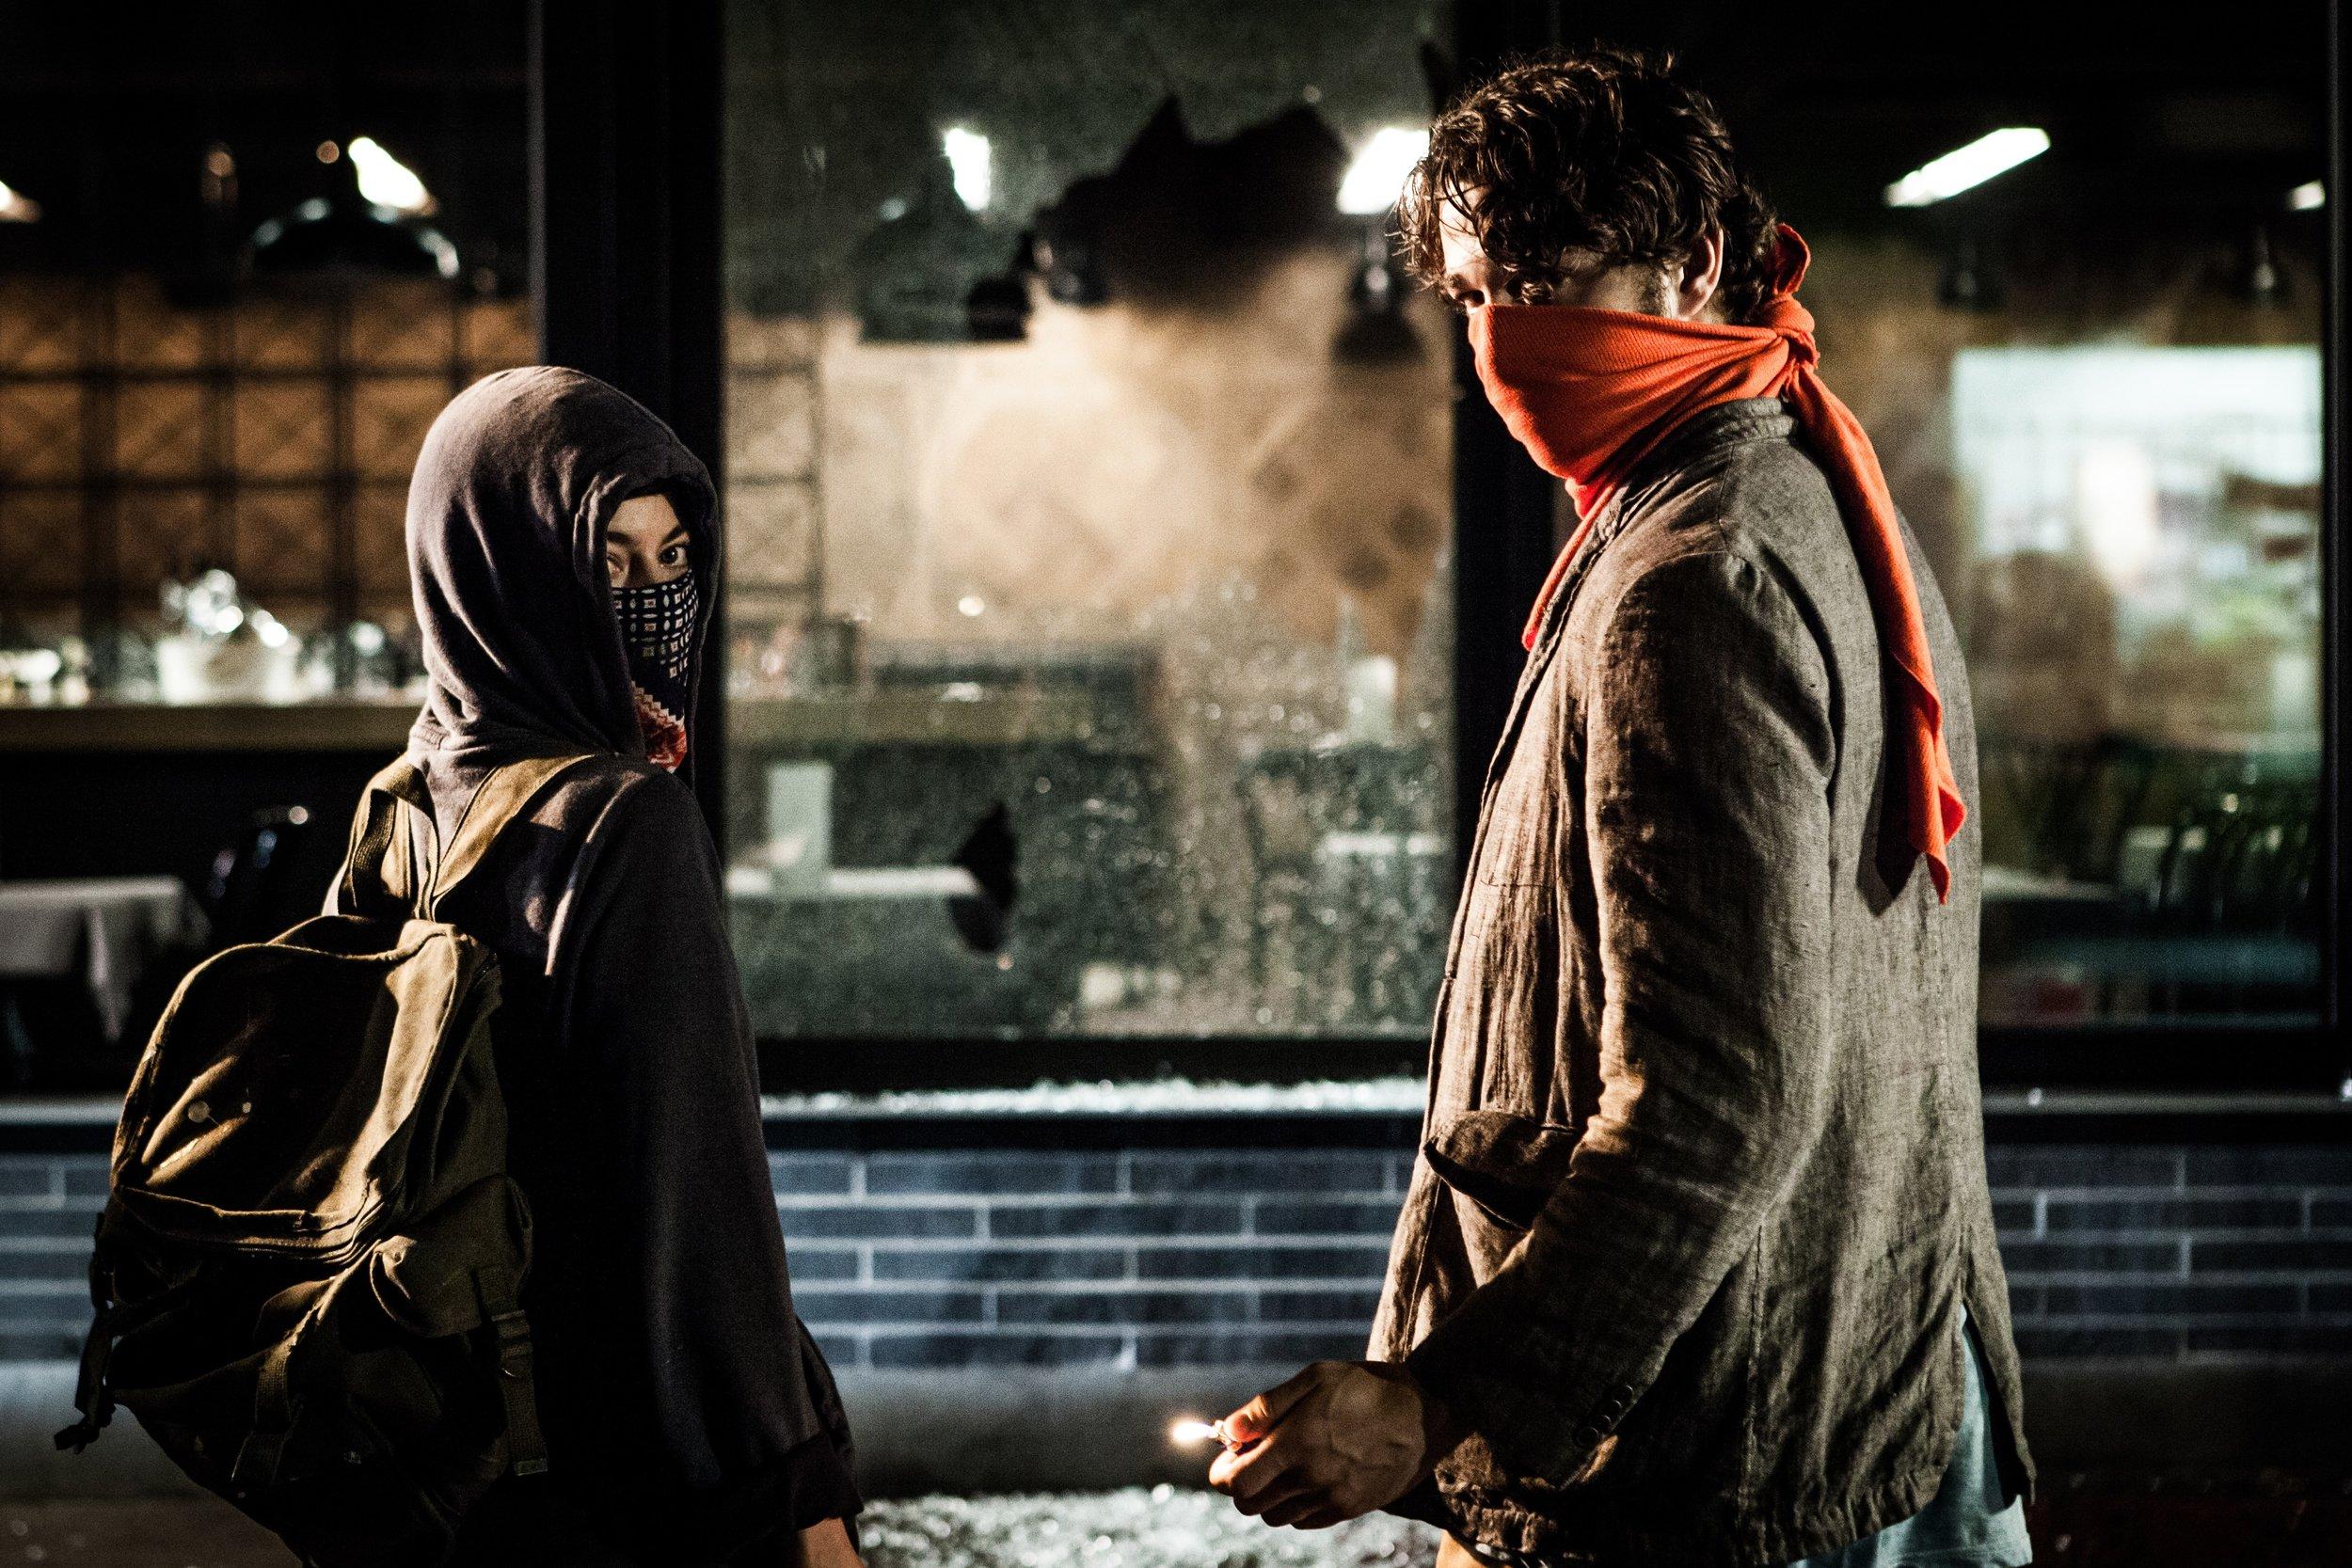 Mathieu Denis and Simon Lavoie's  Ceux qui font les revolutions á moitié non fait que se creuser un tombeau (Those Who Make Revolution Halfway Only Dig Their Own Grave)